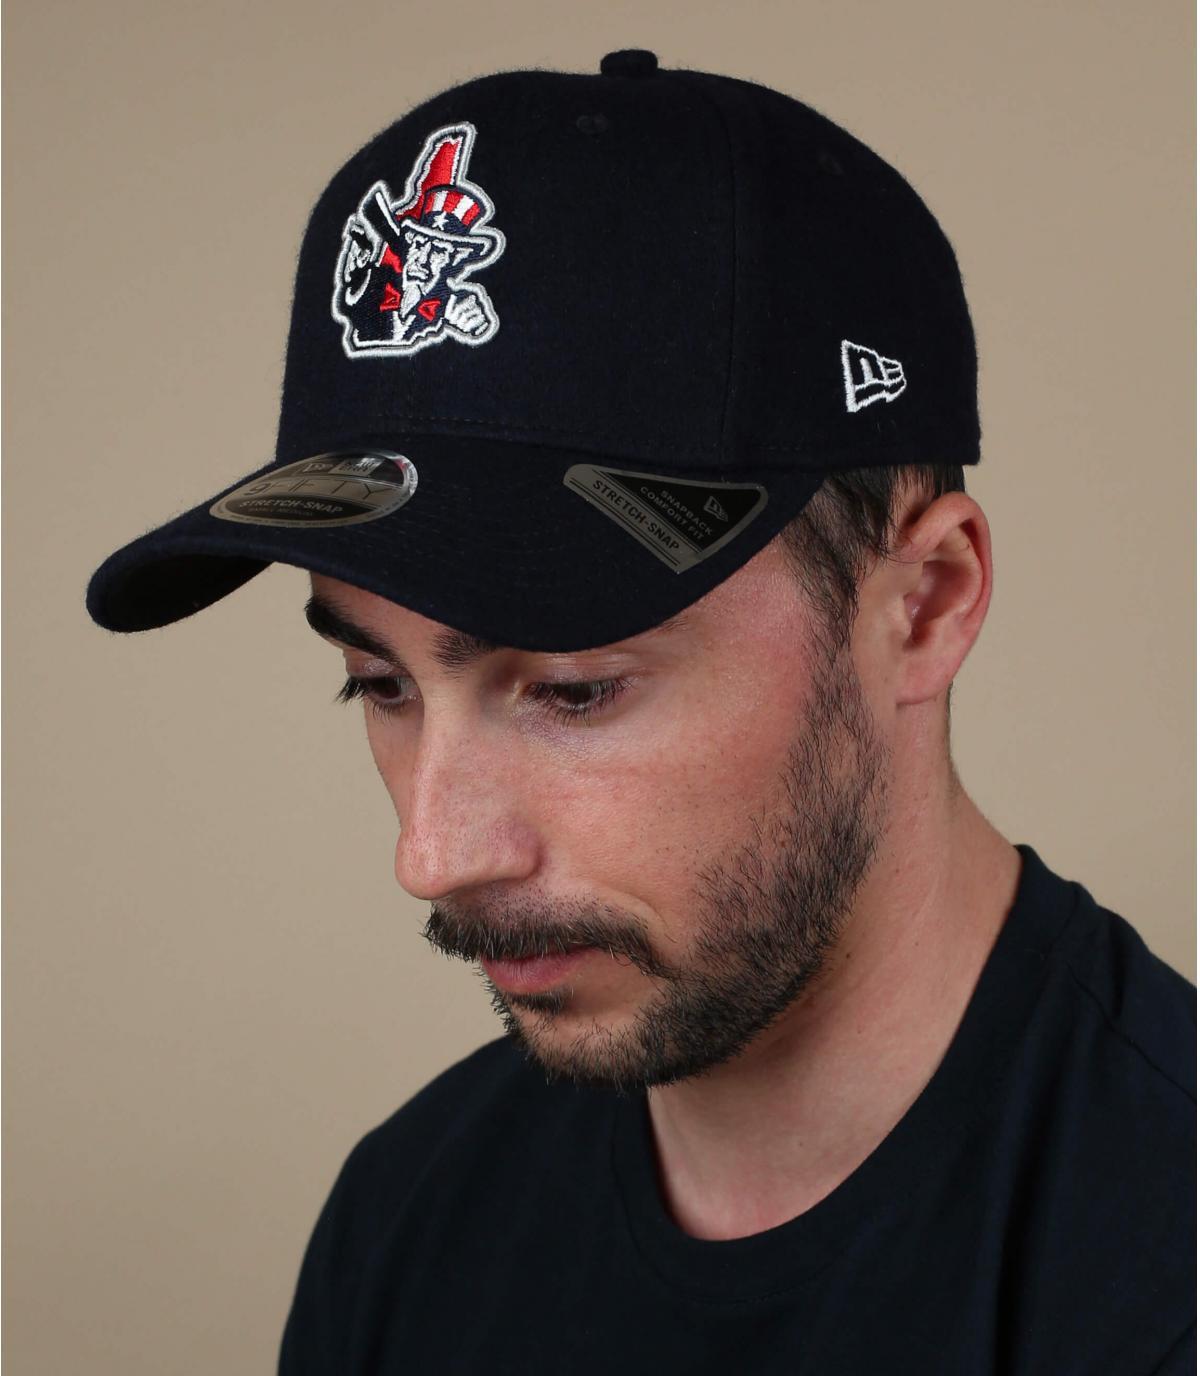 black Fishercats cap